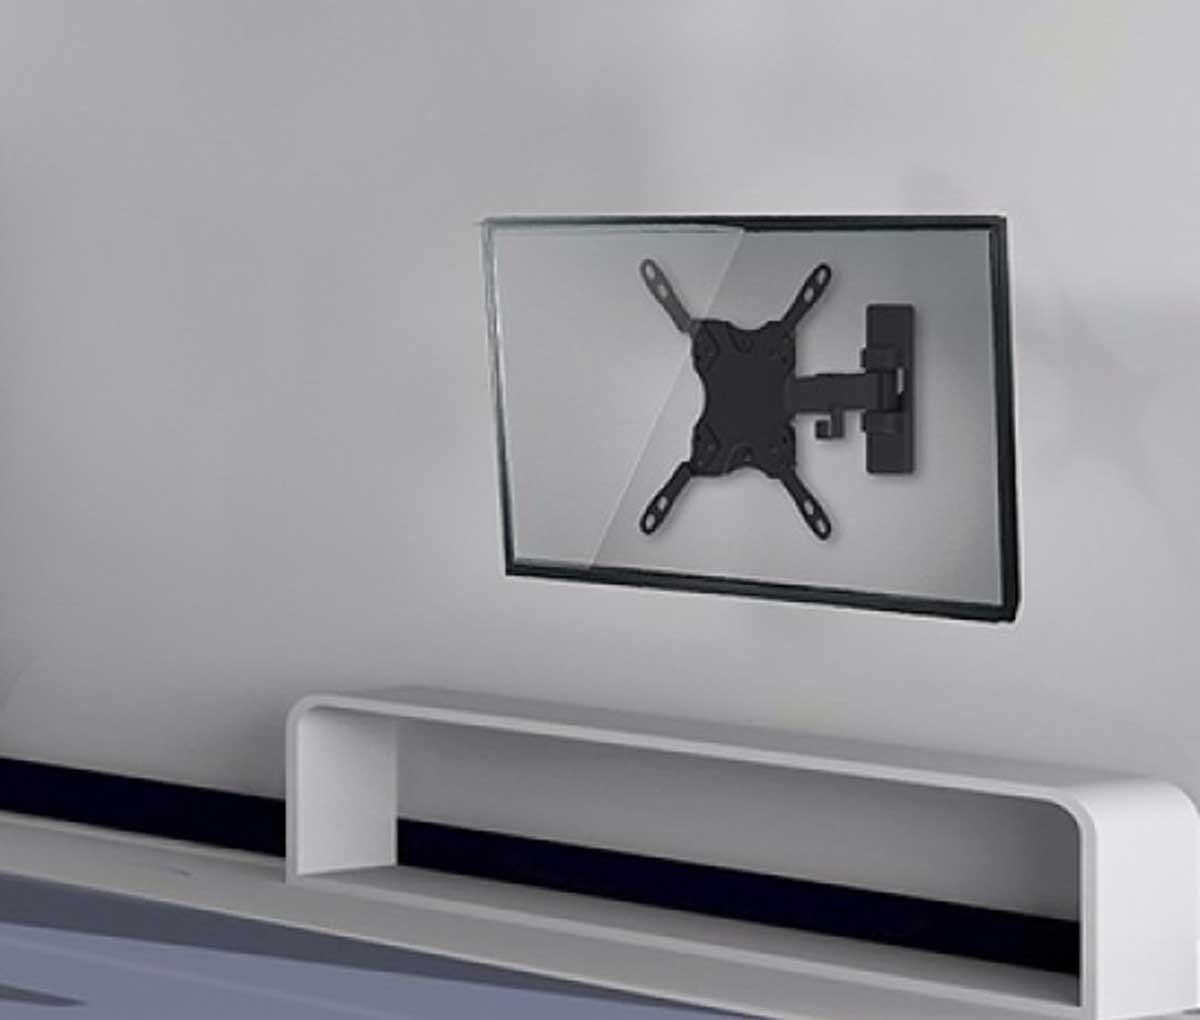 Suporte Articulado de Parede ELG LCD LED de 15 ate 43 FULL20